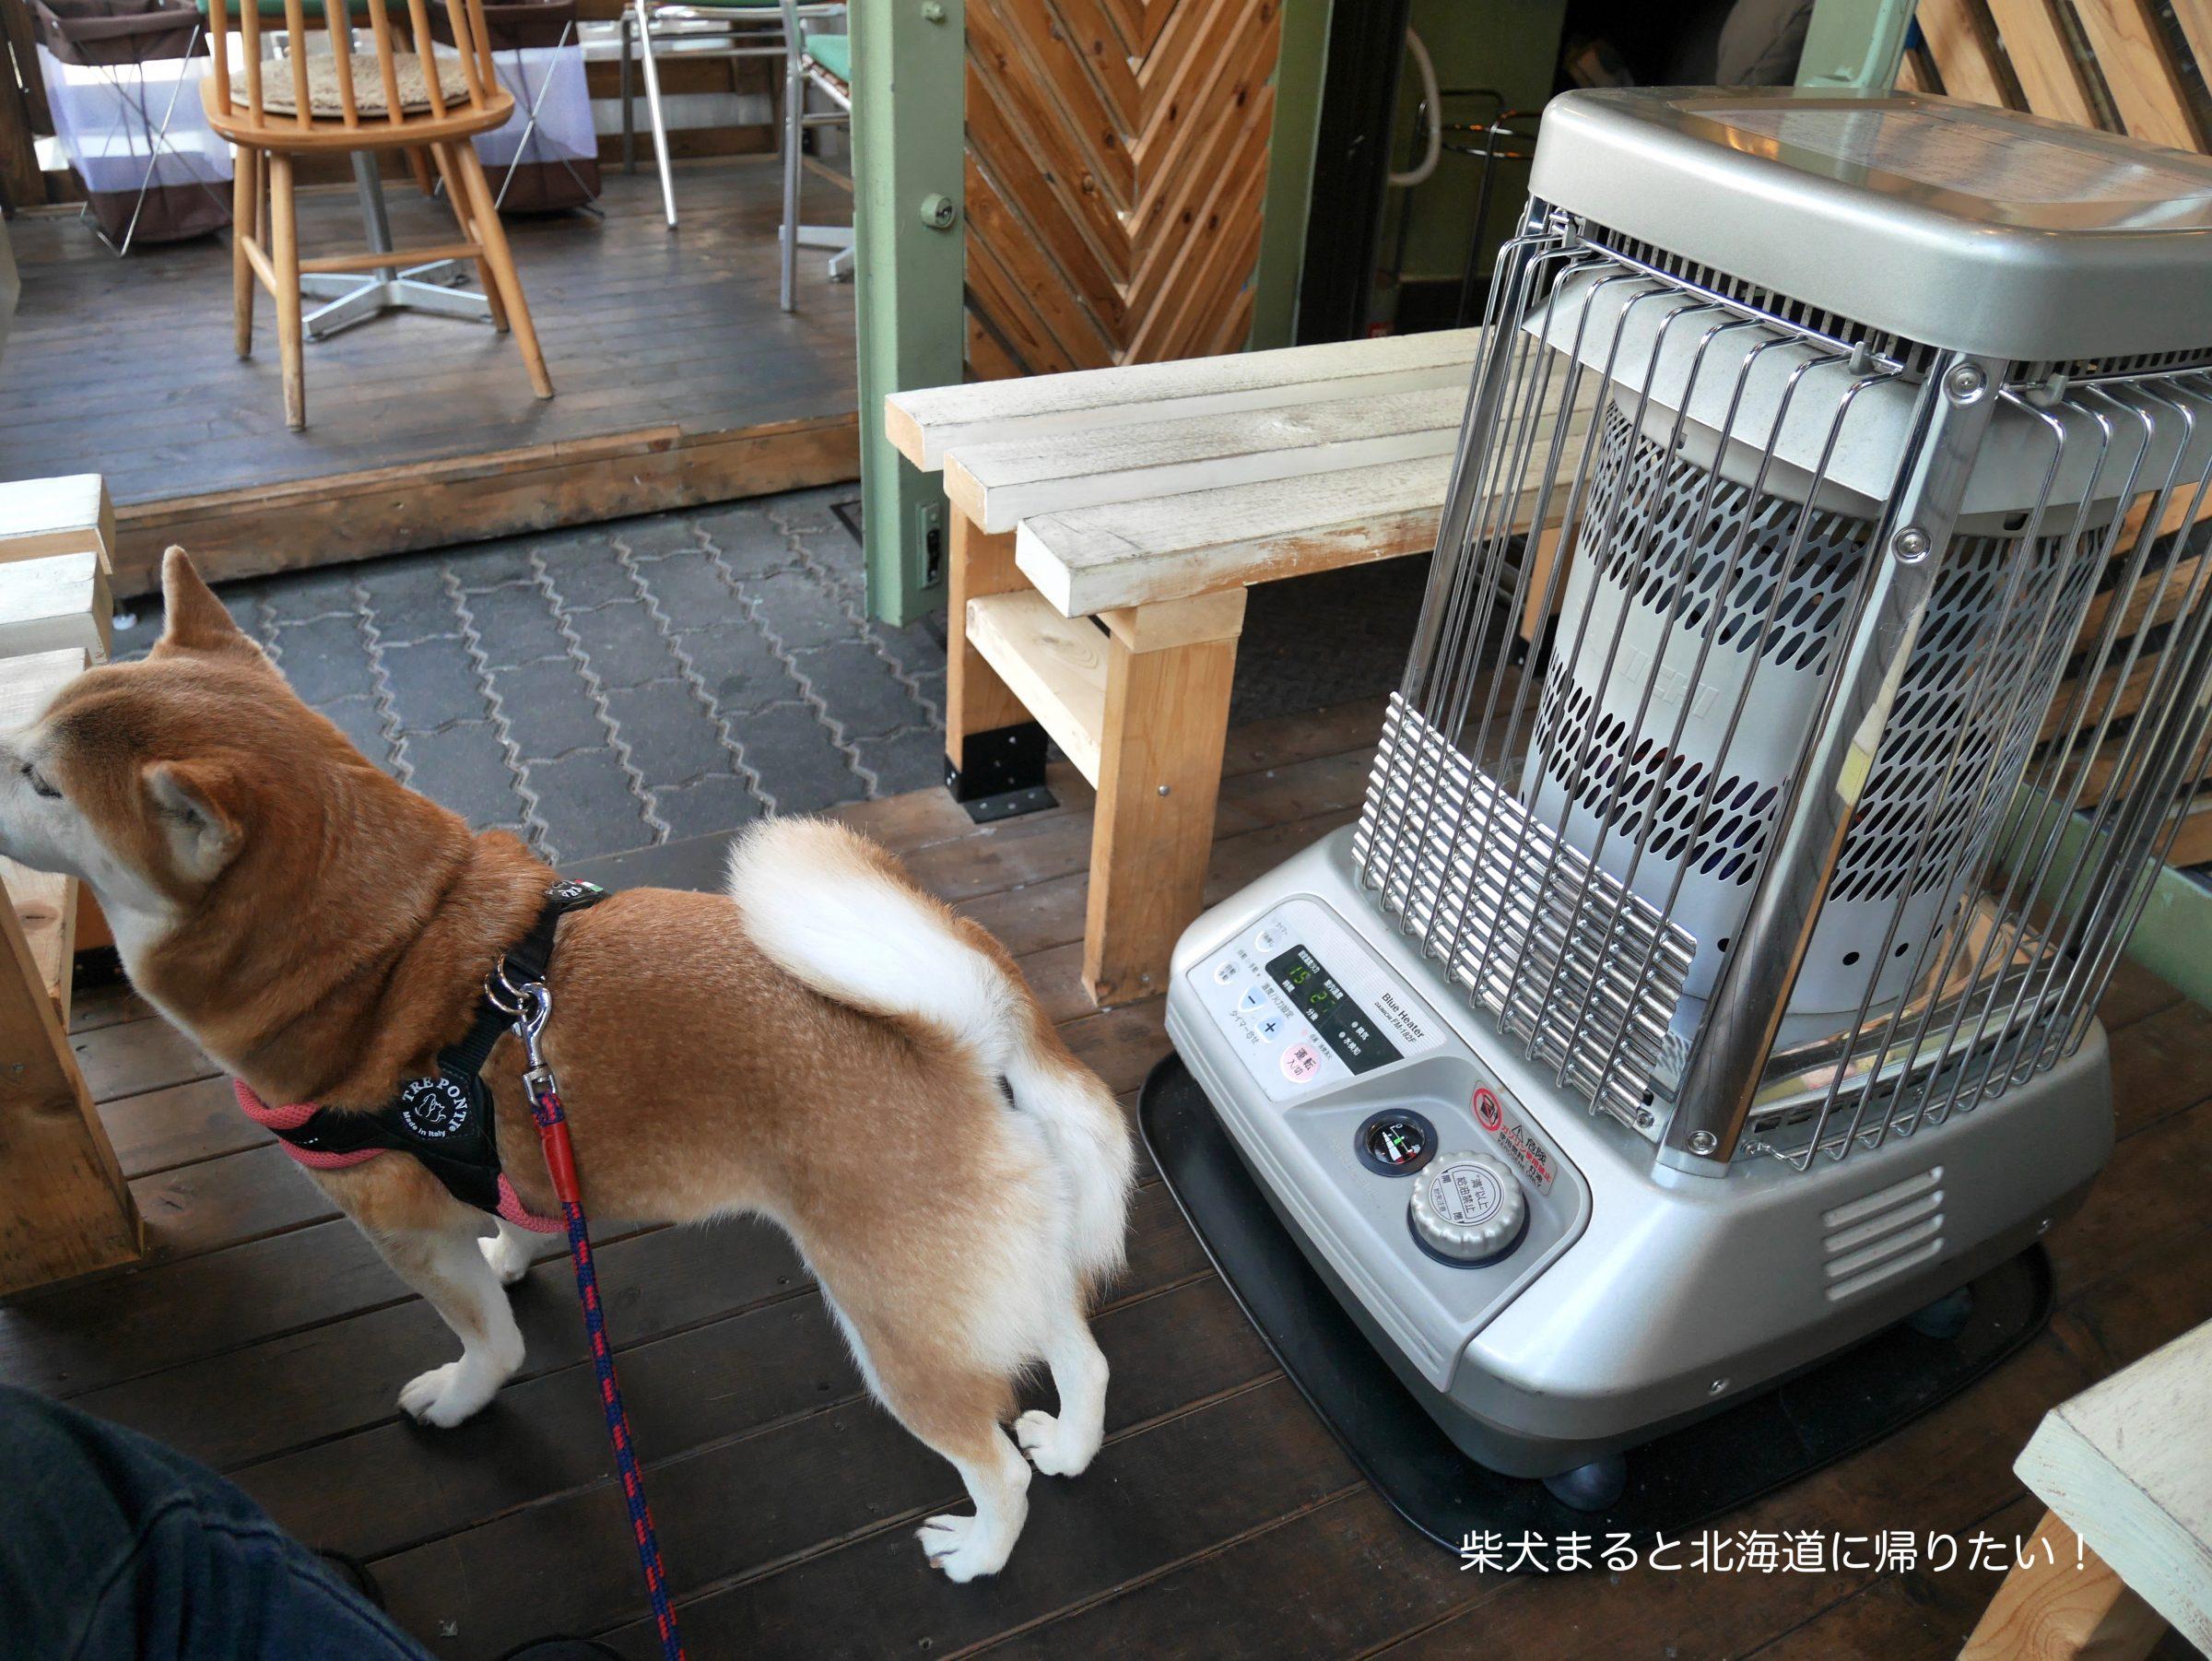 【1/22追記】立川の本格炭火焼きハンバーガー専門店『Delicier's(デリッシャーズ)』に柴犬まるといってきました!